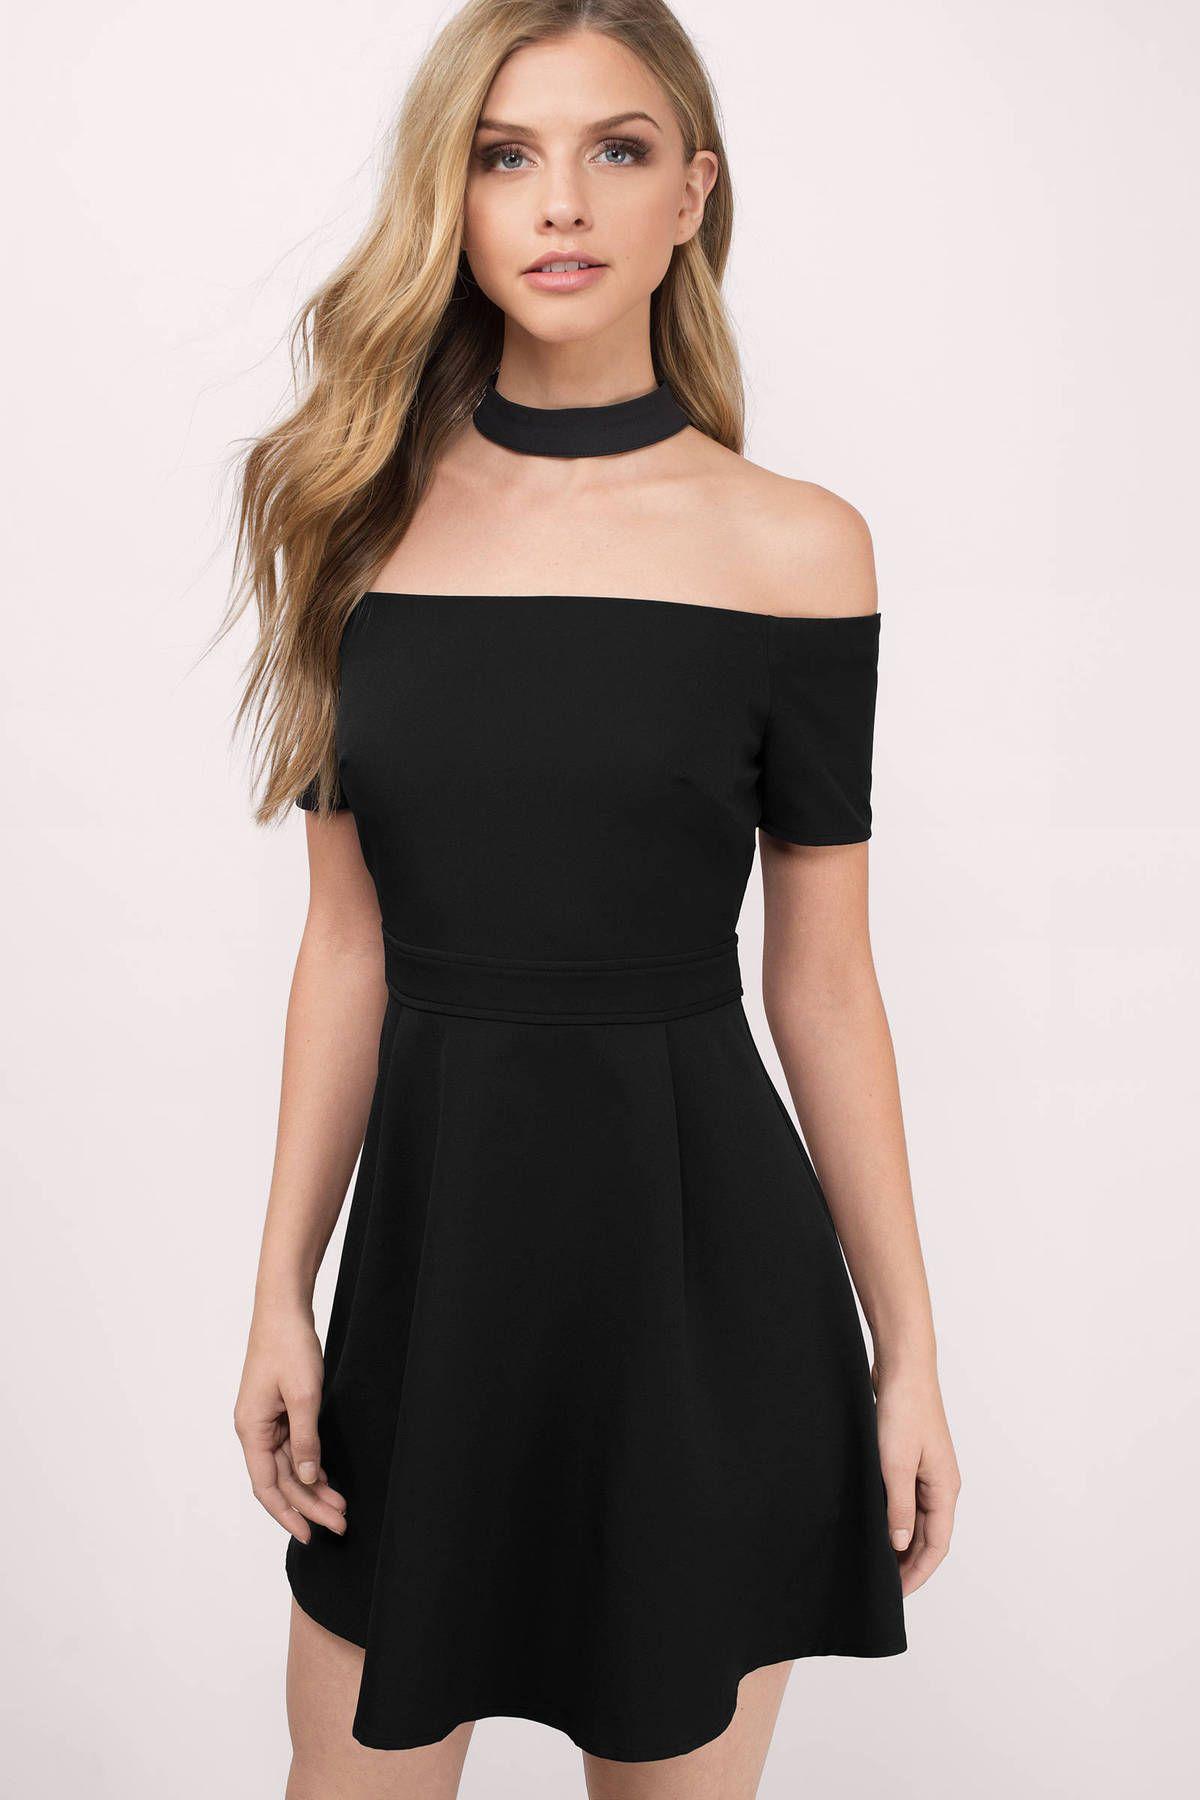 Dark Side Choker Skater Dress in Black  Dresses for teens dance